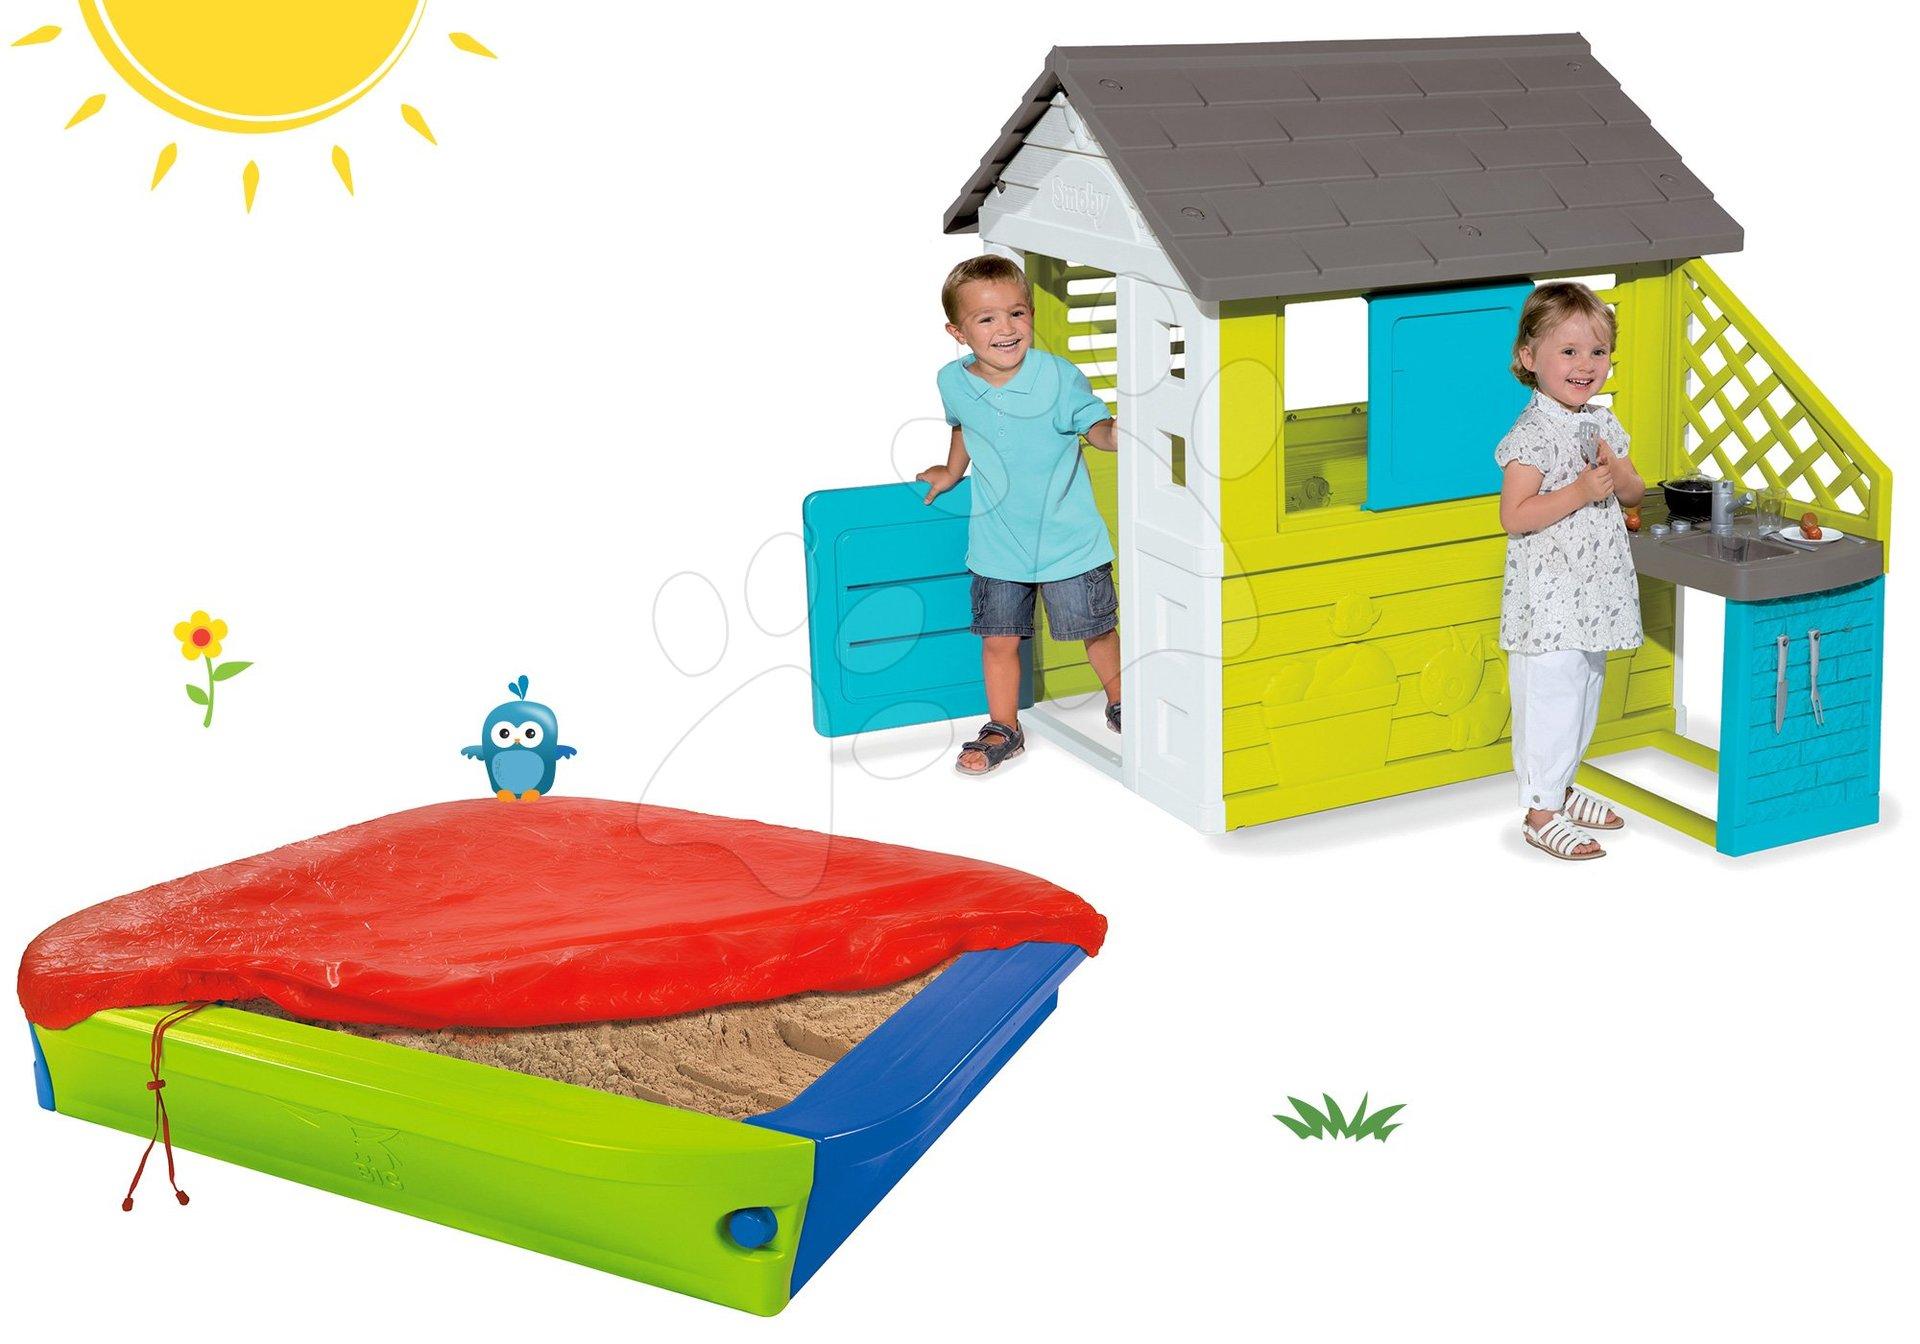 Smoby set dětský domeček Pretty Blue Smoby s letní kuchyňkou a pískoviště s krycí plachtou 810703-44 Set Smoby Pretty Blue a pískoviště BIG